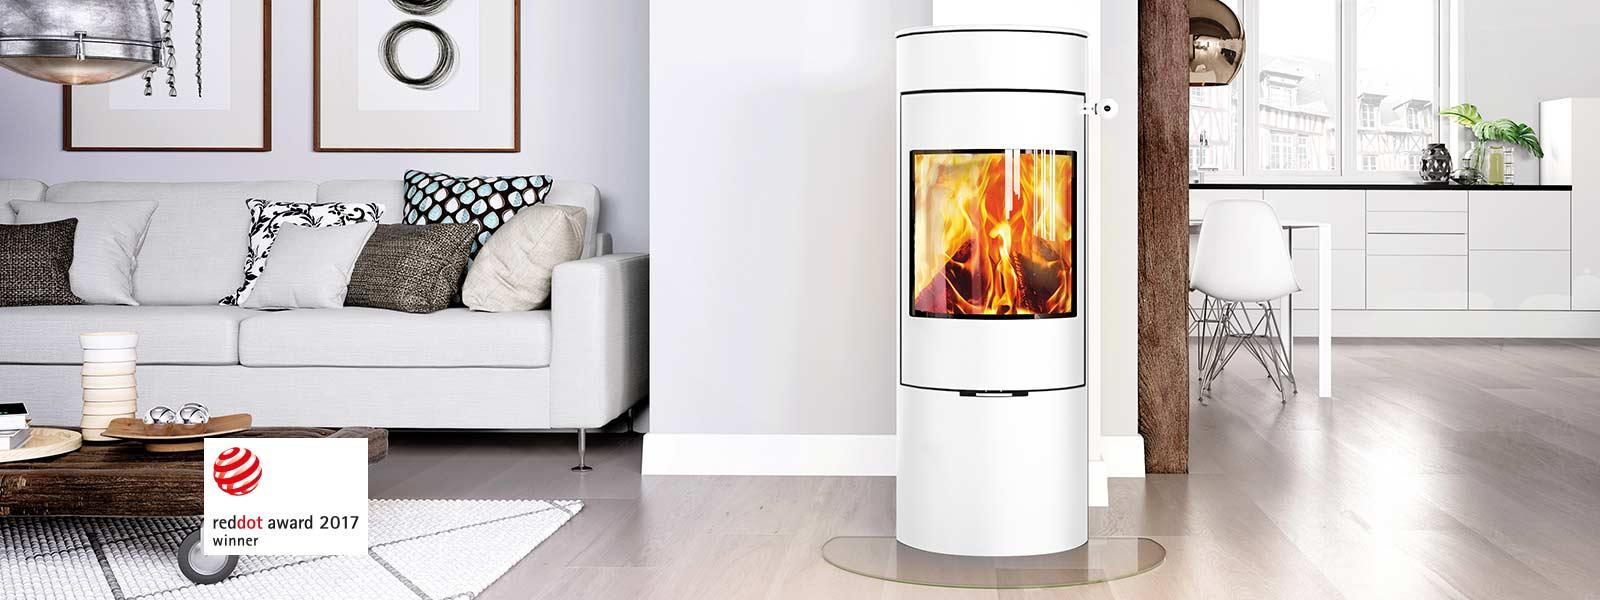 kaminofen viva 120 l pr miertes design vielf ltige. Black Bedroom Furniture Sets. Home Design Ideas